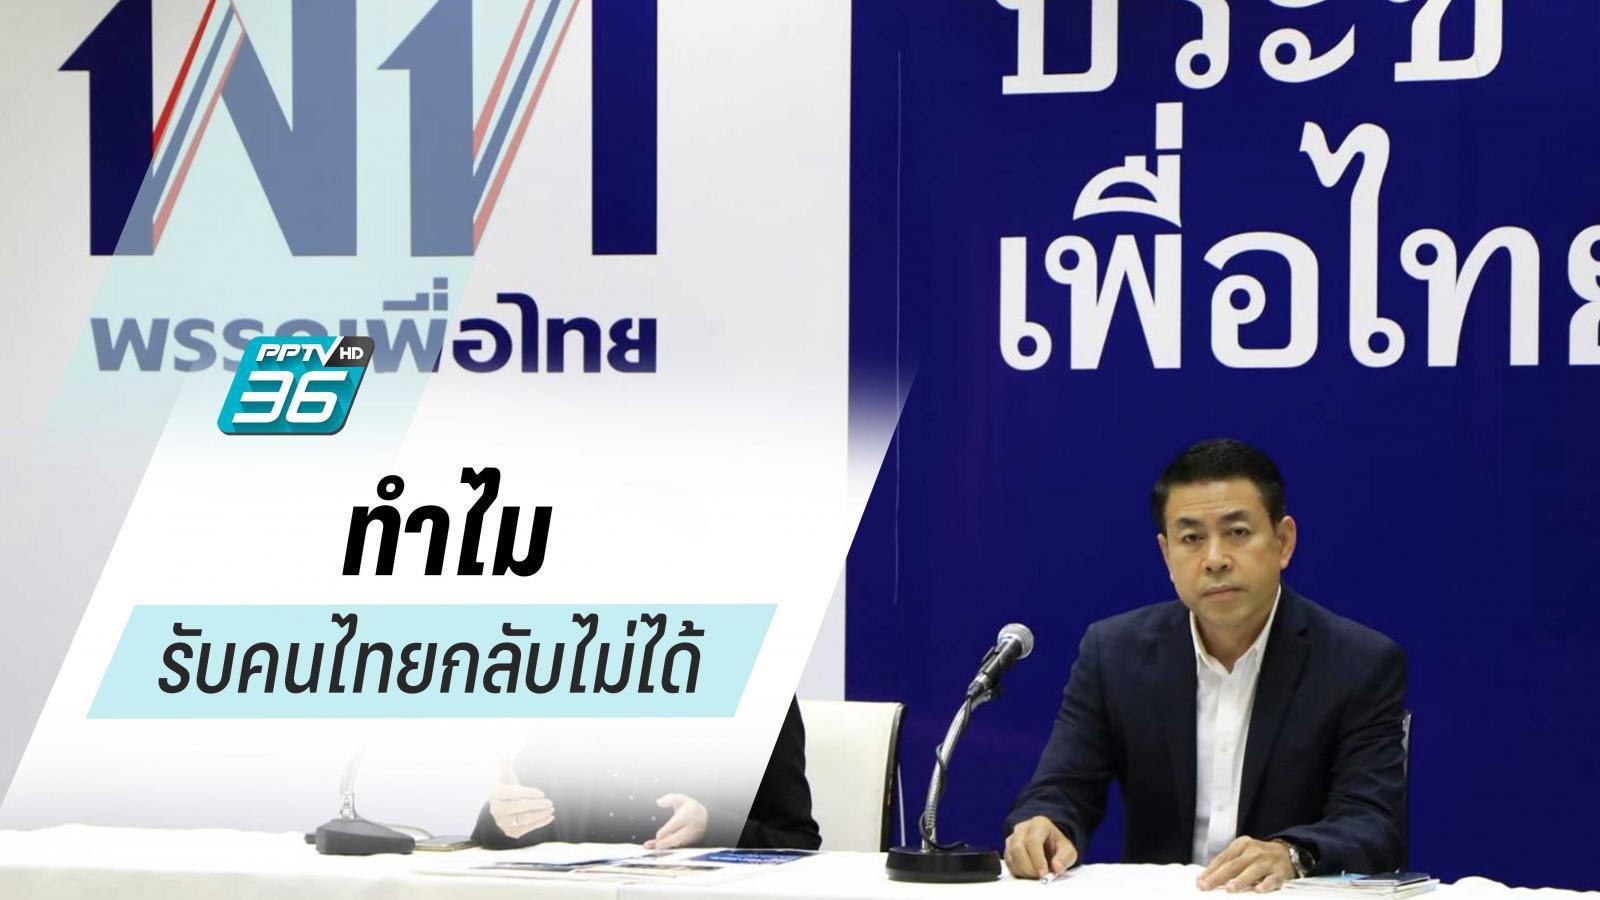 """""""เพื่อไทย"""" ชี้ รัฐบาลเอื้อประโยชน์จีนหลายอย่าง ทำไมขอรับคนไทยกลับไม่ได้"""